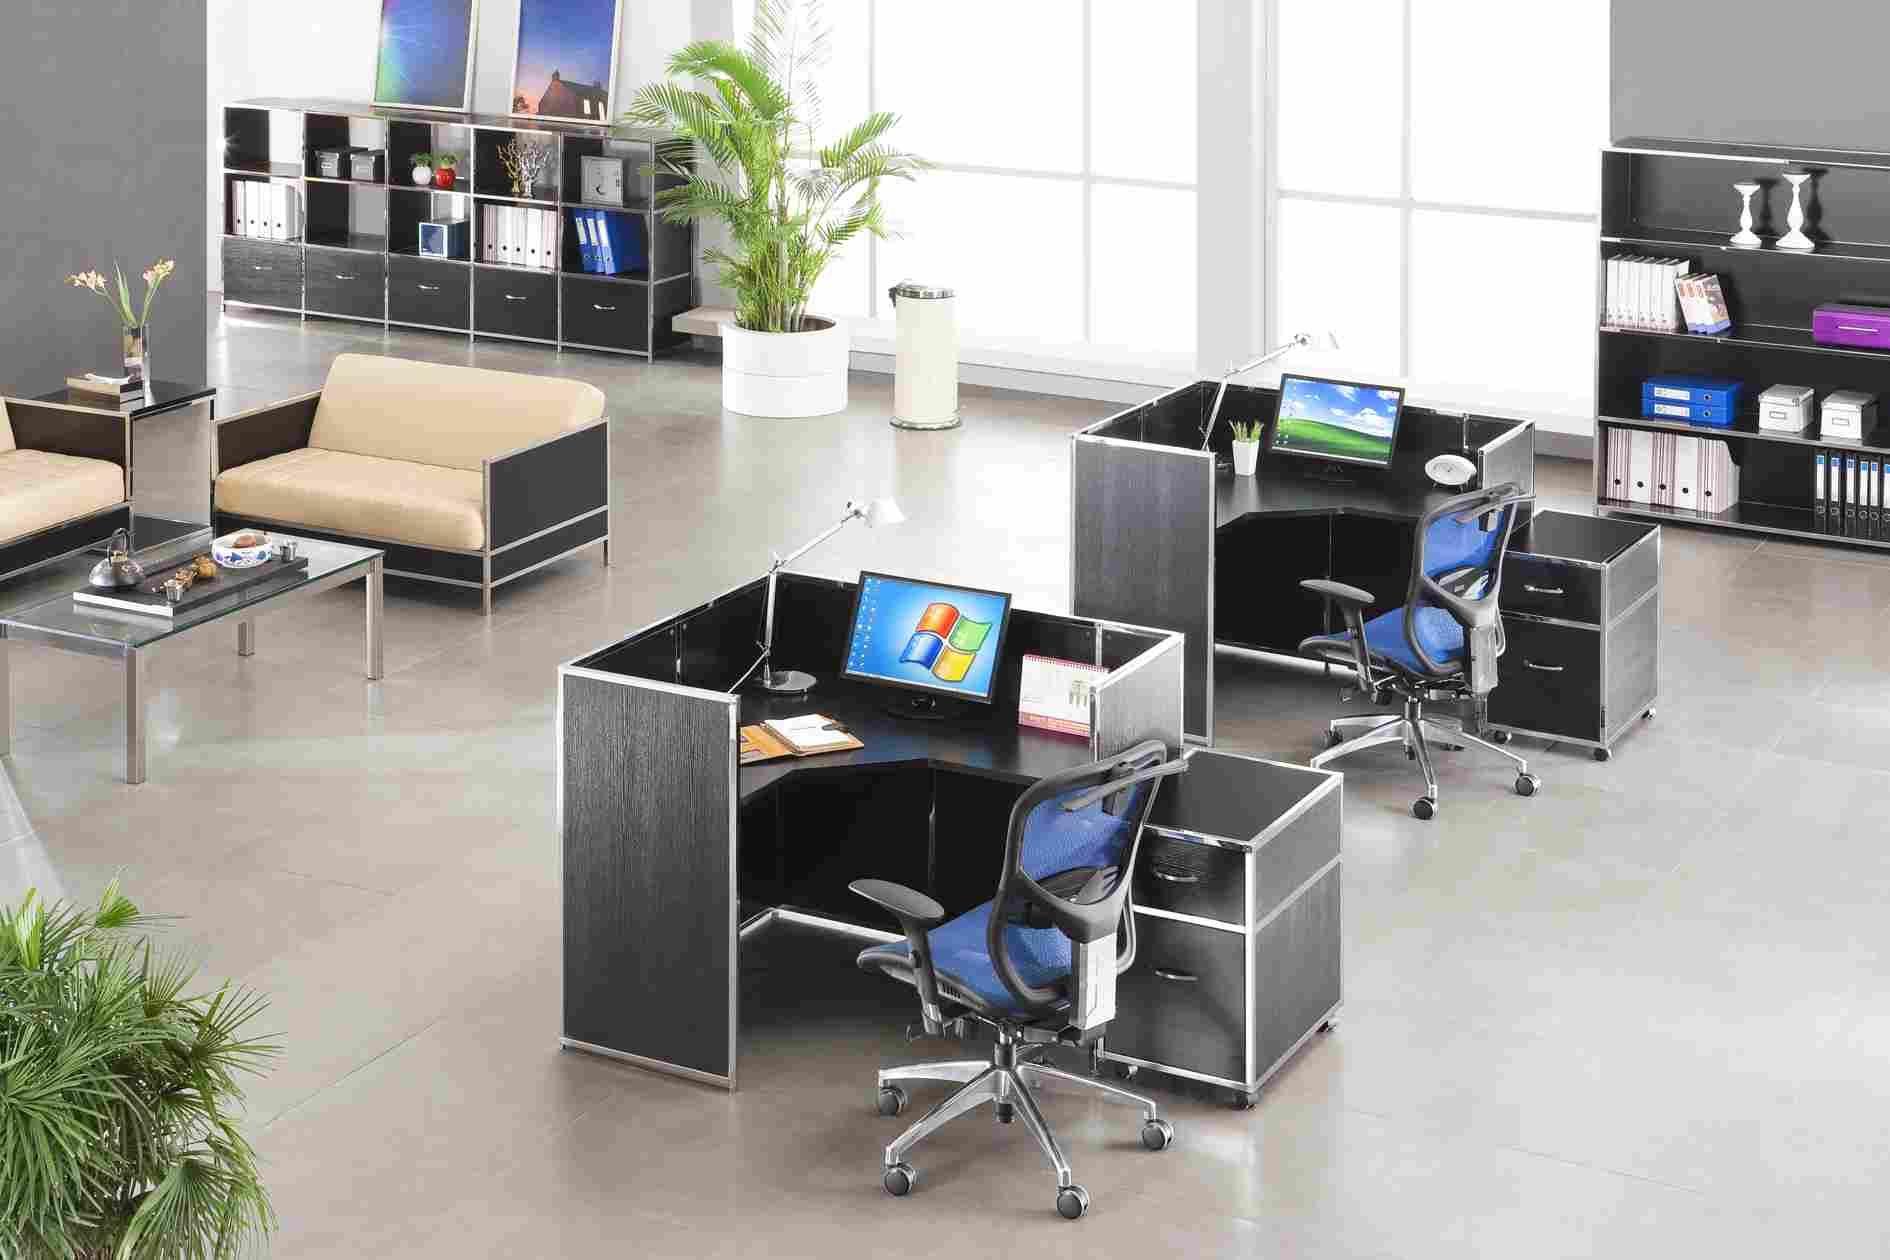 组合式办公桌的种类 组合式办公桌如何保养